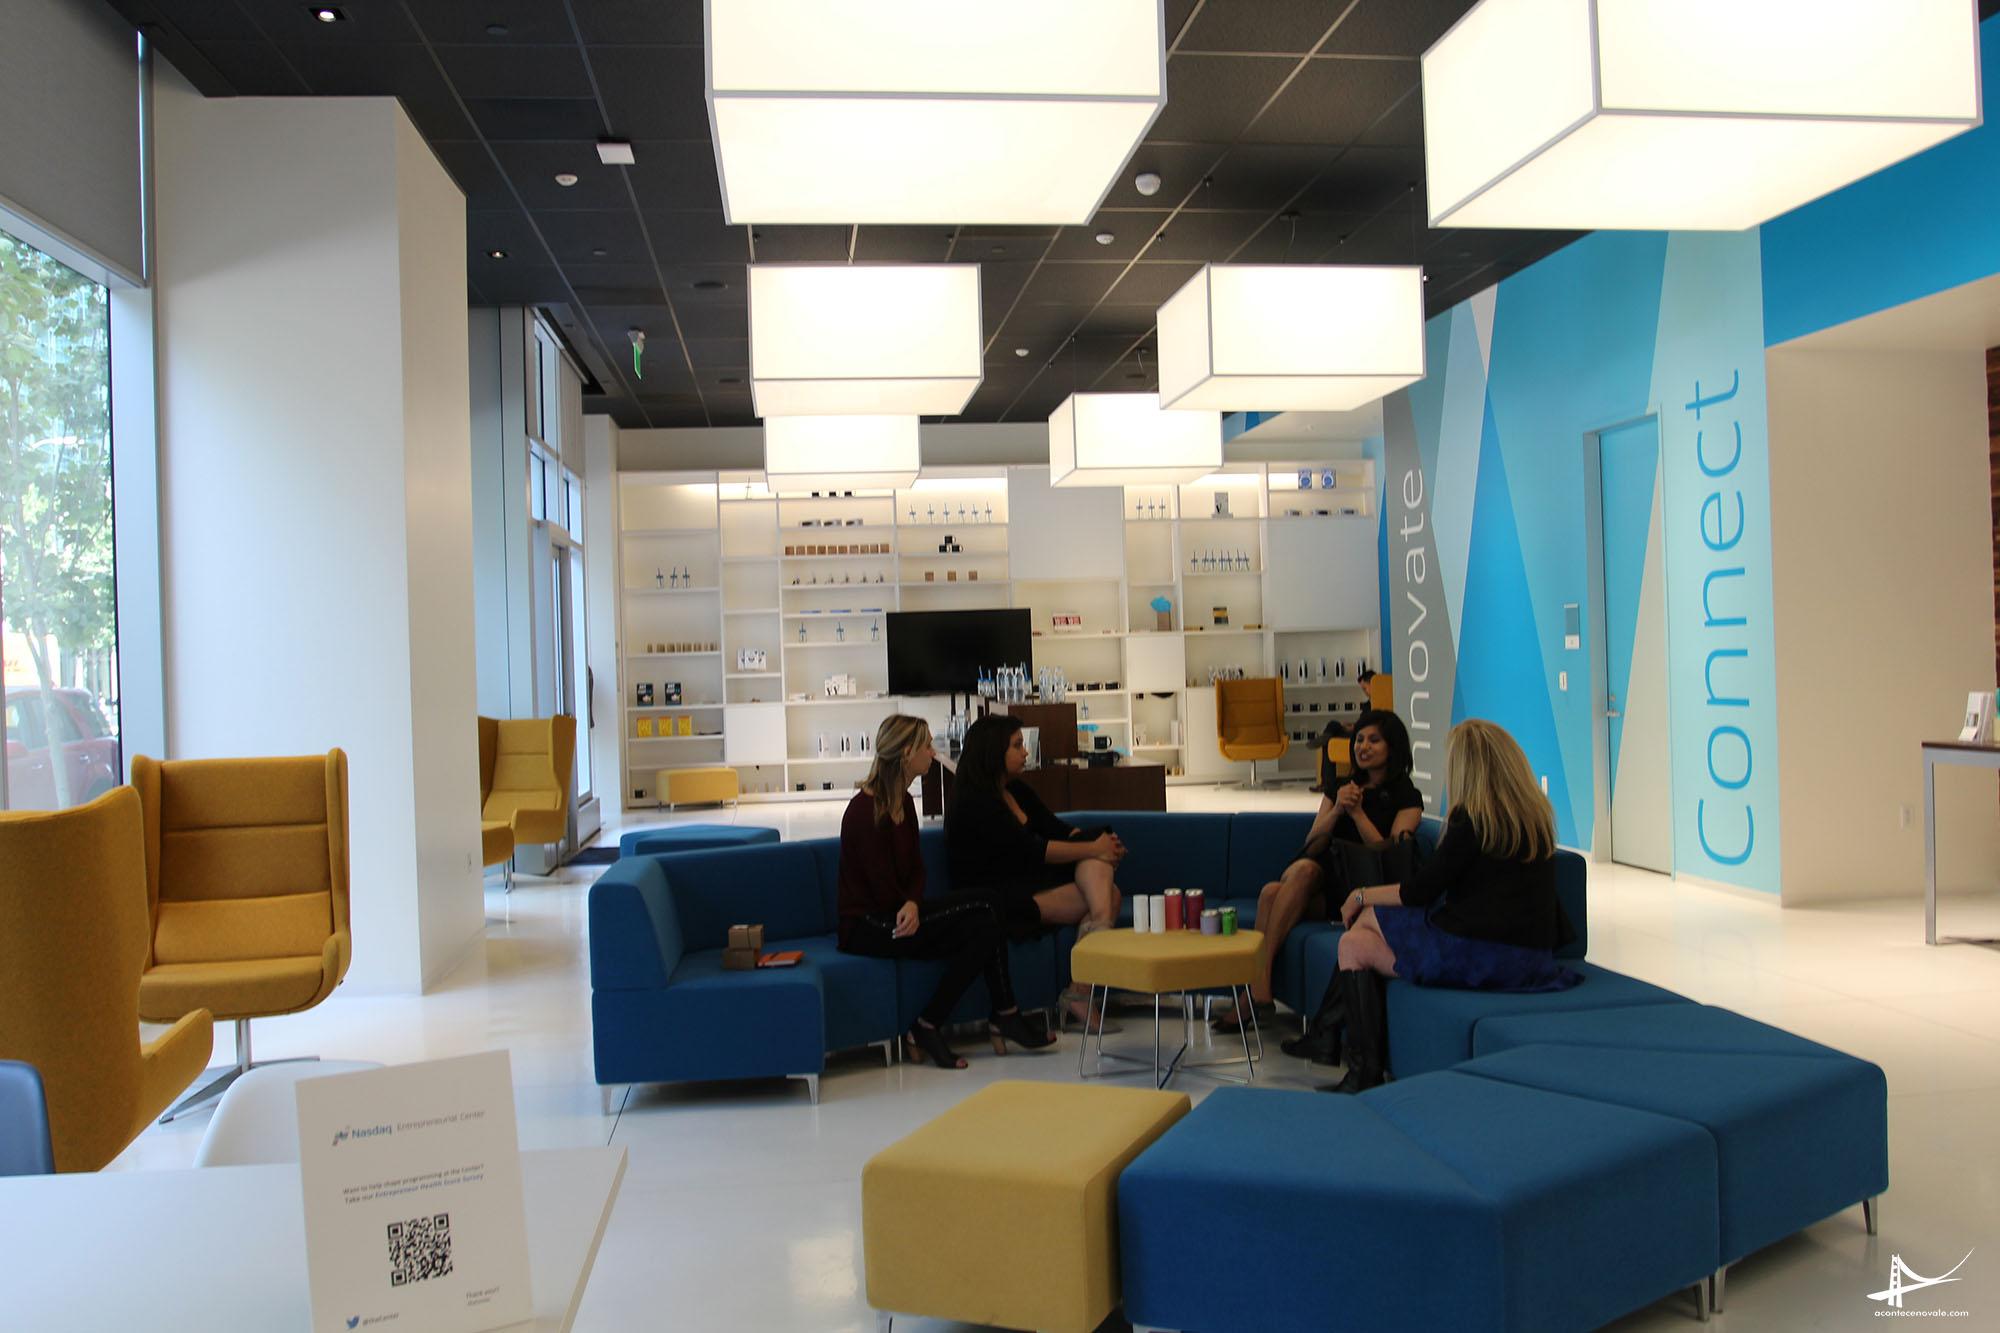 Innovation Hub - Nasdaq San Francisco